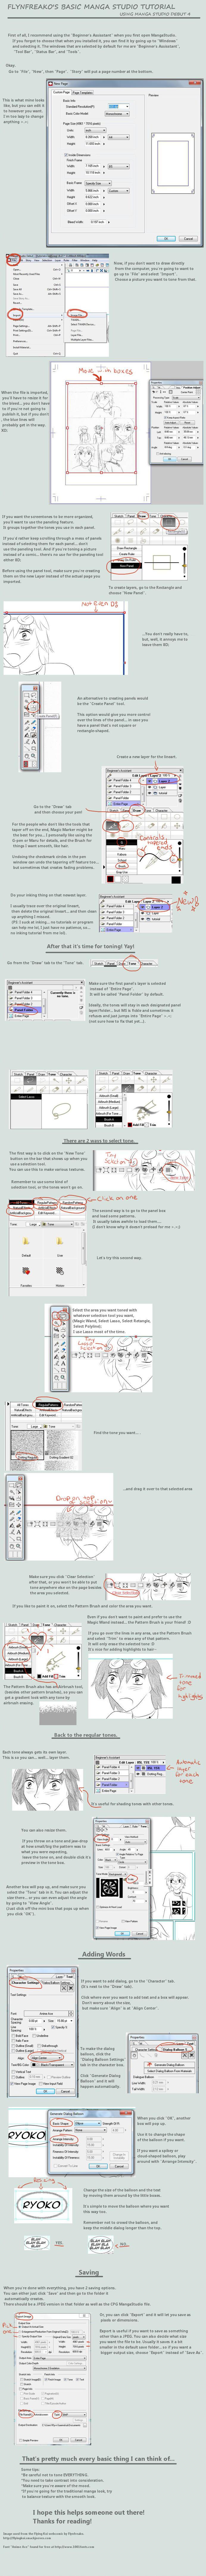 Manga Studio Tutorial: debut 4 by flynfreako